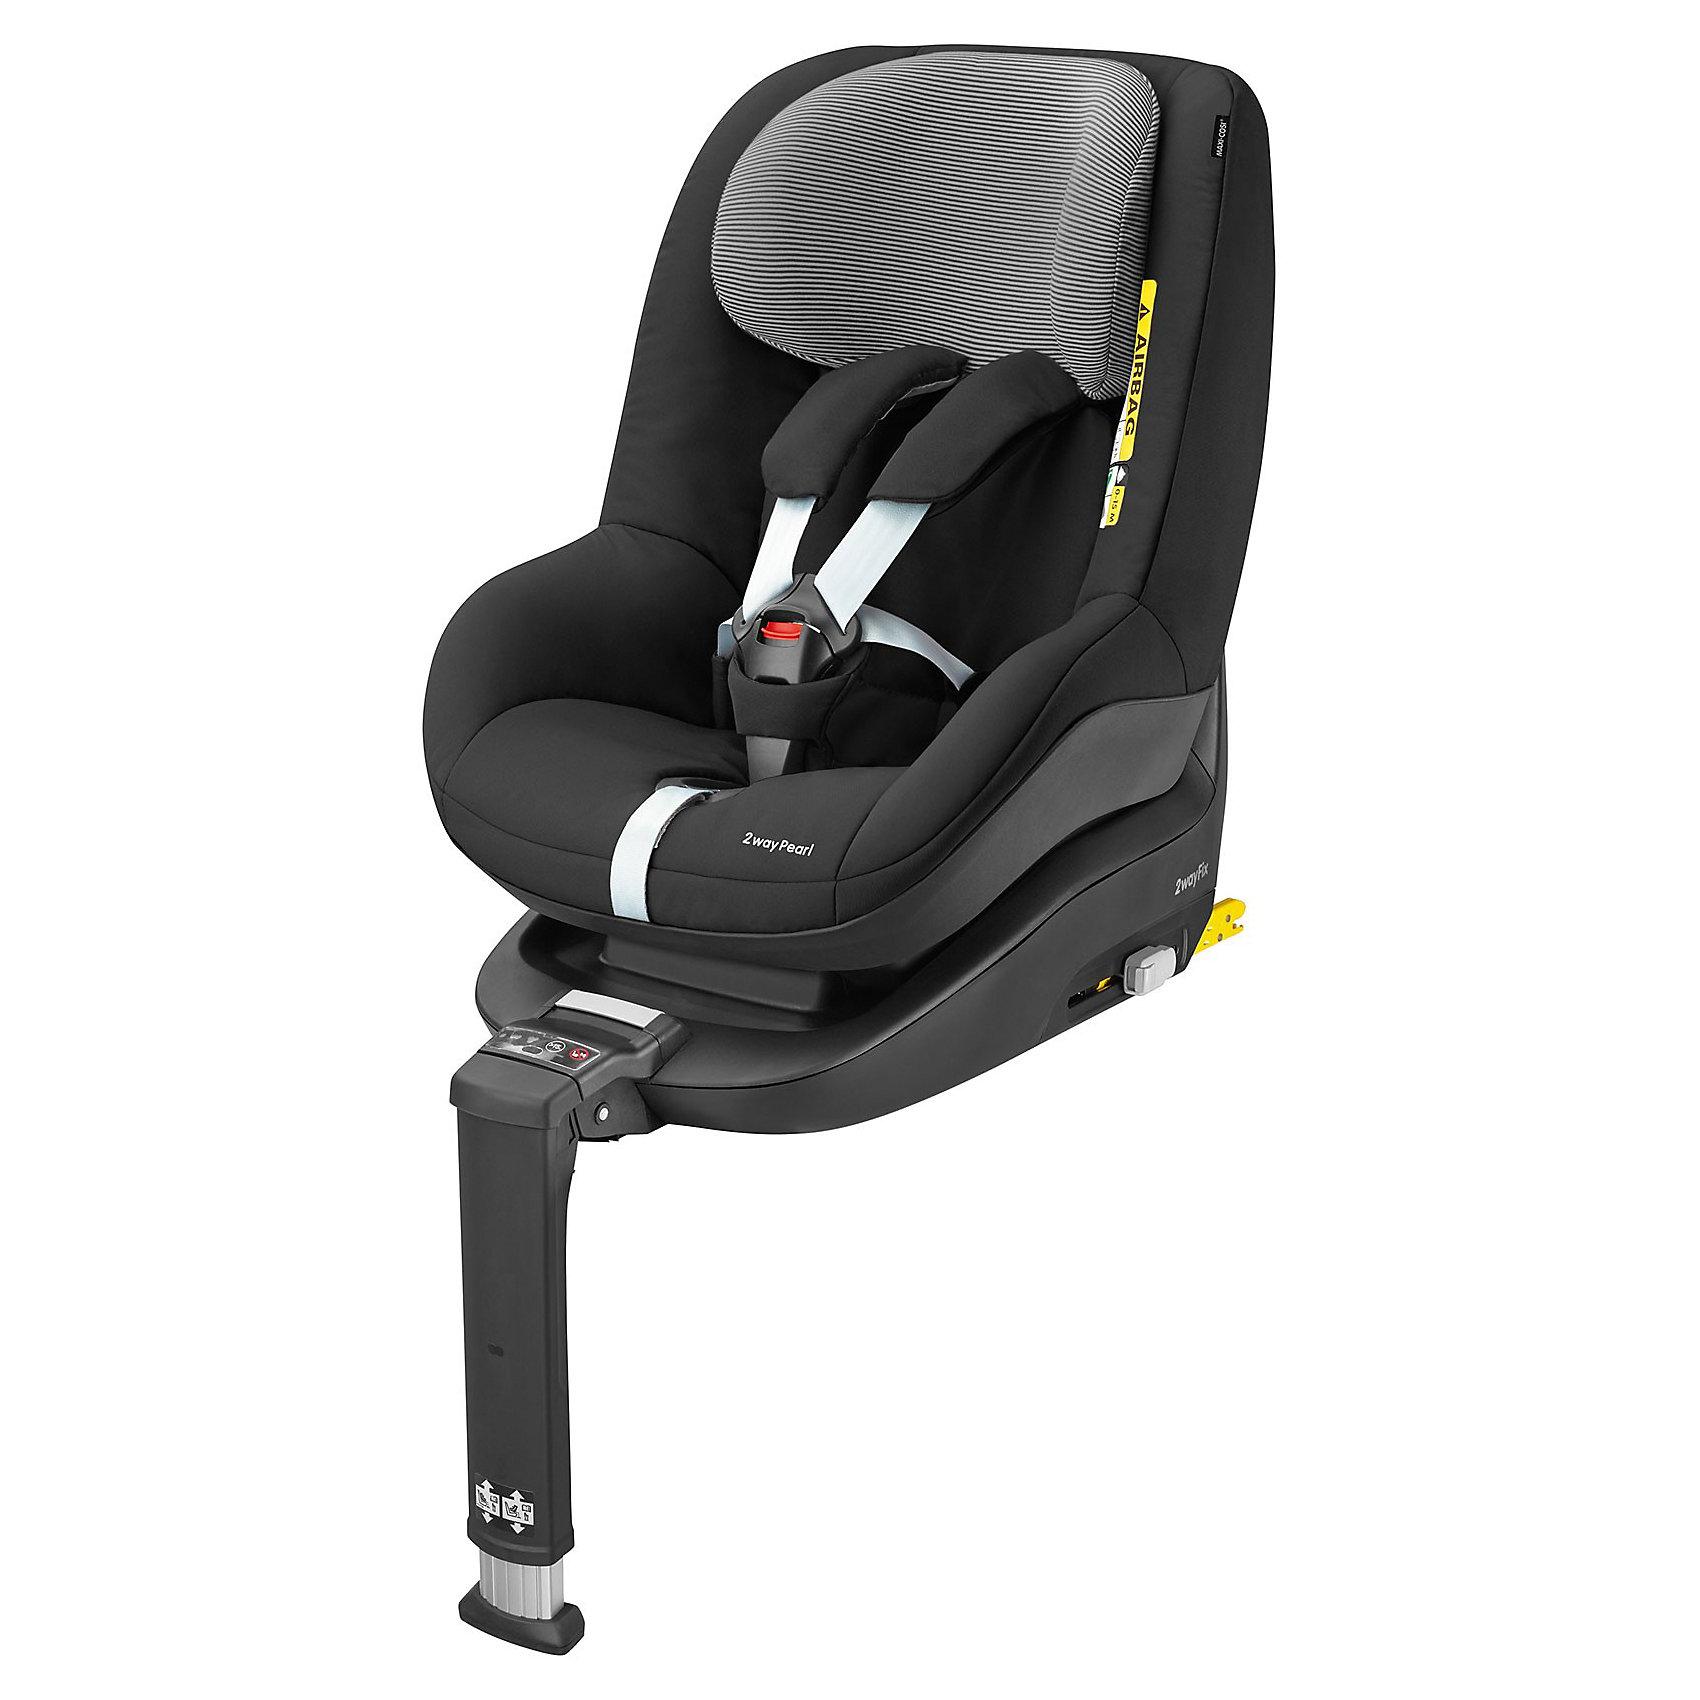 Автокресло Maxi-Cosi 2wayPearl 9-18 кг, Black RavenГруппа 1 (От 9 до 18 кг)<br>Maxi-Cosi 2wayPearl - это яркое, удобное и безопасное автокресло создано специально для детой от 6 месяцев до 4 лет. Внутри кресла есть регулируемый 5-ти точечный ремень безопасности, так же, для большего удобства, имеется мягкий вкладыш под голову и шею ребенка.<br><br>Особенности:<br>- Фиксируется при помощи базы 2 WayFix (приобретается отдельно).<br>- Цветовые индикаторы и звуковые сигналы показывают правильность установки кресла.<br>- Уникальная система защиты от боковых ударов обеспечивает максимальную защиту<br>- 5-ти точечный ремень безопасности.<br>- Подголовник регулируется по высоте, имеет 7 положений.<br>- Наклон спинки регулируется в 5 положениях.<br>- Прочный каркас из ABC-пластика.<br>- Съемный чехол легко стирается.<br><br>Дополнительная информация:<br><br>- Возраст: от 6 месяцев до 4 лет. ( от 9 до 18 кг.)<br>- Цвет: Black Raven.<br>- Материал: полипропилен, полиэстер<br>- Ширина кресла внутри: 30 см.<br>- Ширина кресла снаружи: 44 см.<br>- Глубина кресла: 32 см.<br>- Размер кресла снаружи: 62x50 см.<br>- Вес кресла: 7.23 кг<br>- Вес в упаковке: 8.3 кг.<br><br>Купить автокресло 2wayPearl (9-18 кг.) в цвете Black Raven, можно в нашем магазине.<br><br>Ширина мм: 475<br>Глубина мм: 595<br>Высота мм: 610<br>Вес г: 7250<br>Возраст от месяцев: 4<br>Возраст до месяцев: 48<br>Пол: Унисекс<br>Возраст: Детский<br>SKU: 4975095